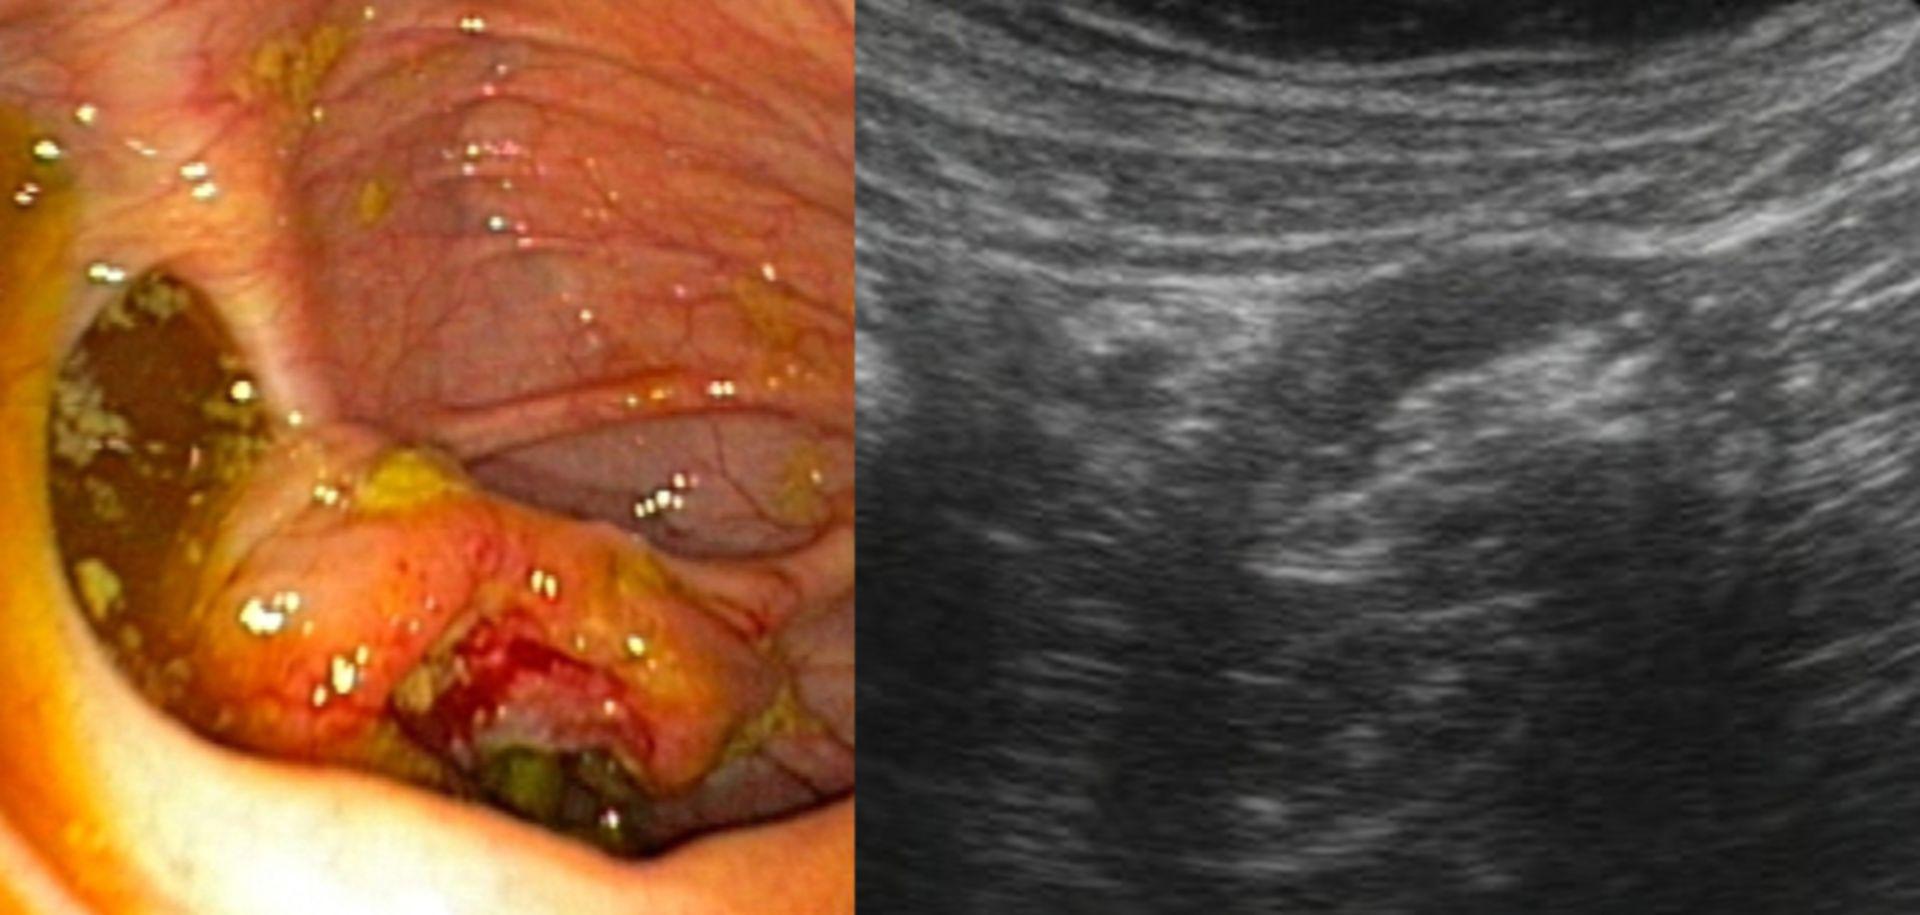 Tumor of the cecum